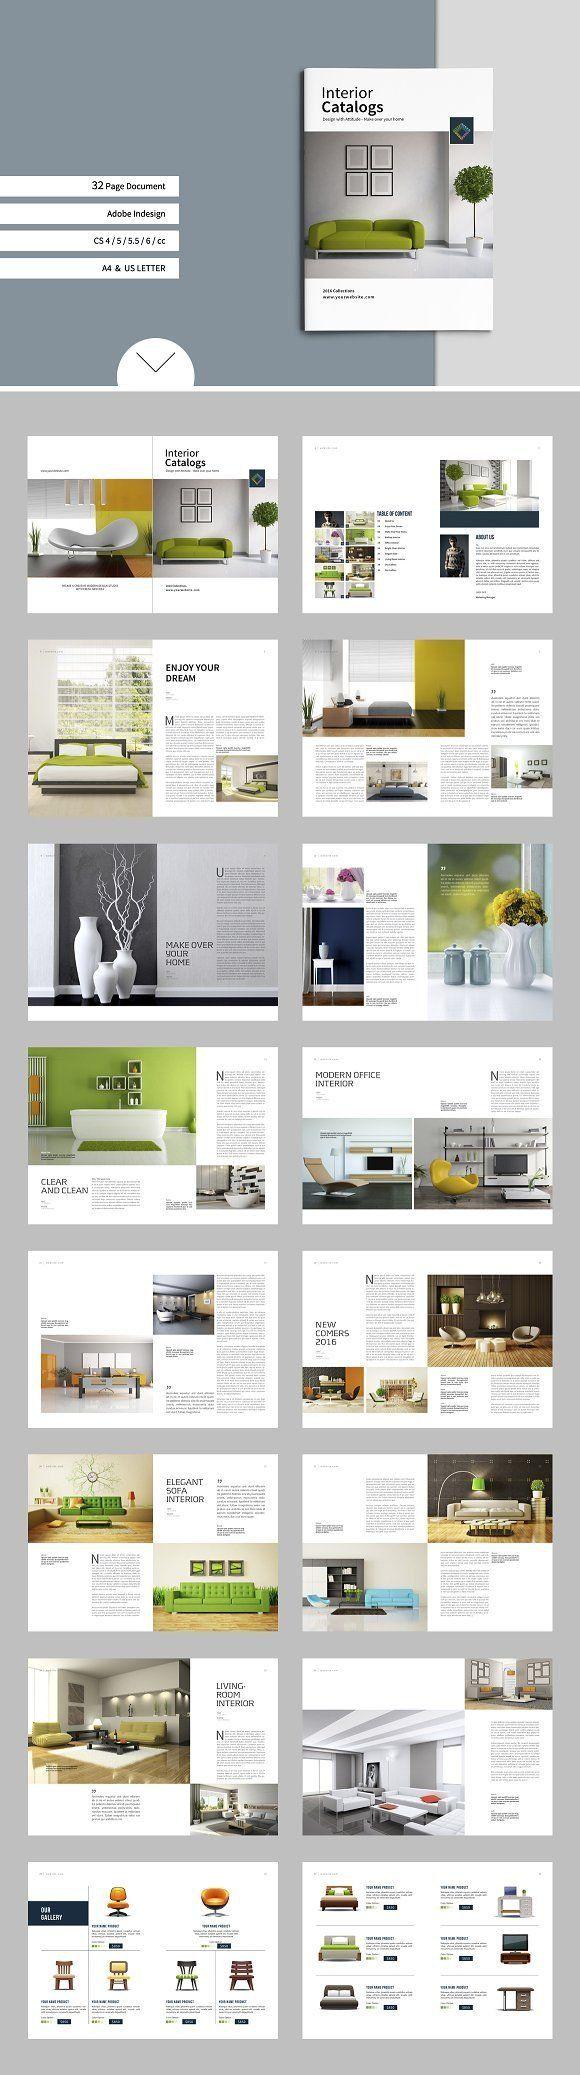 Sample Interior Design Portfolio Pdf